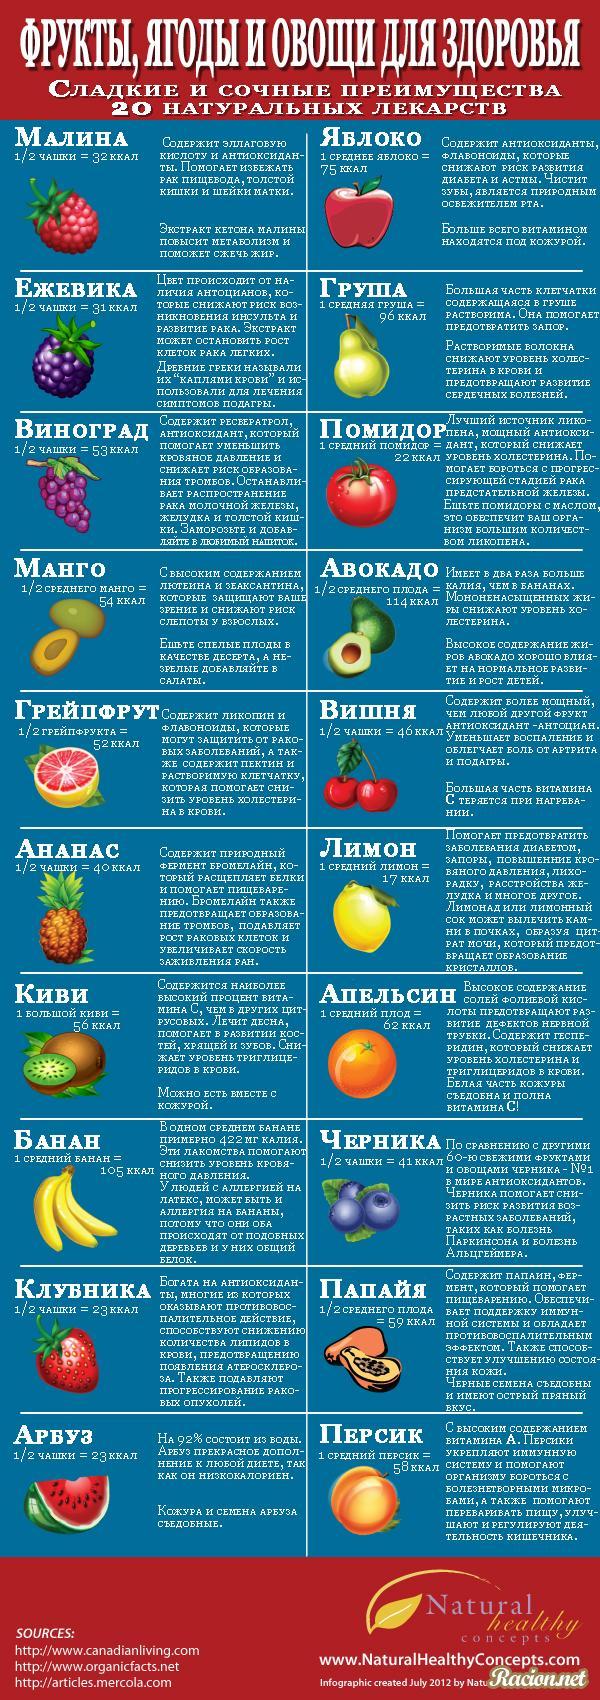 Ягоды и фрукты полезны для вашего здоровья